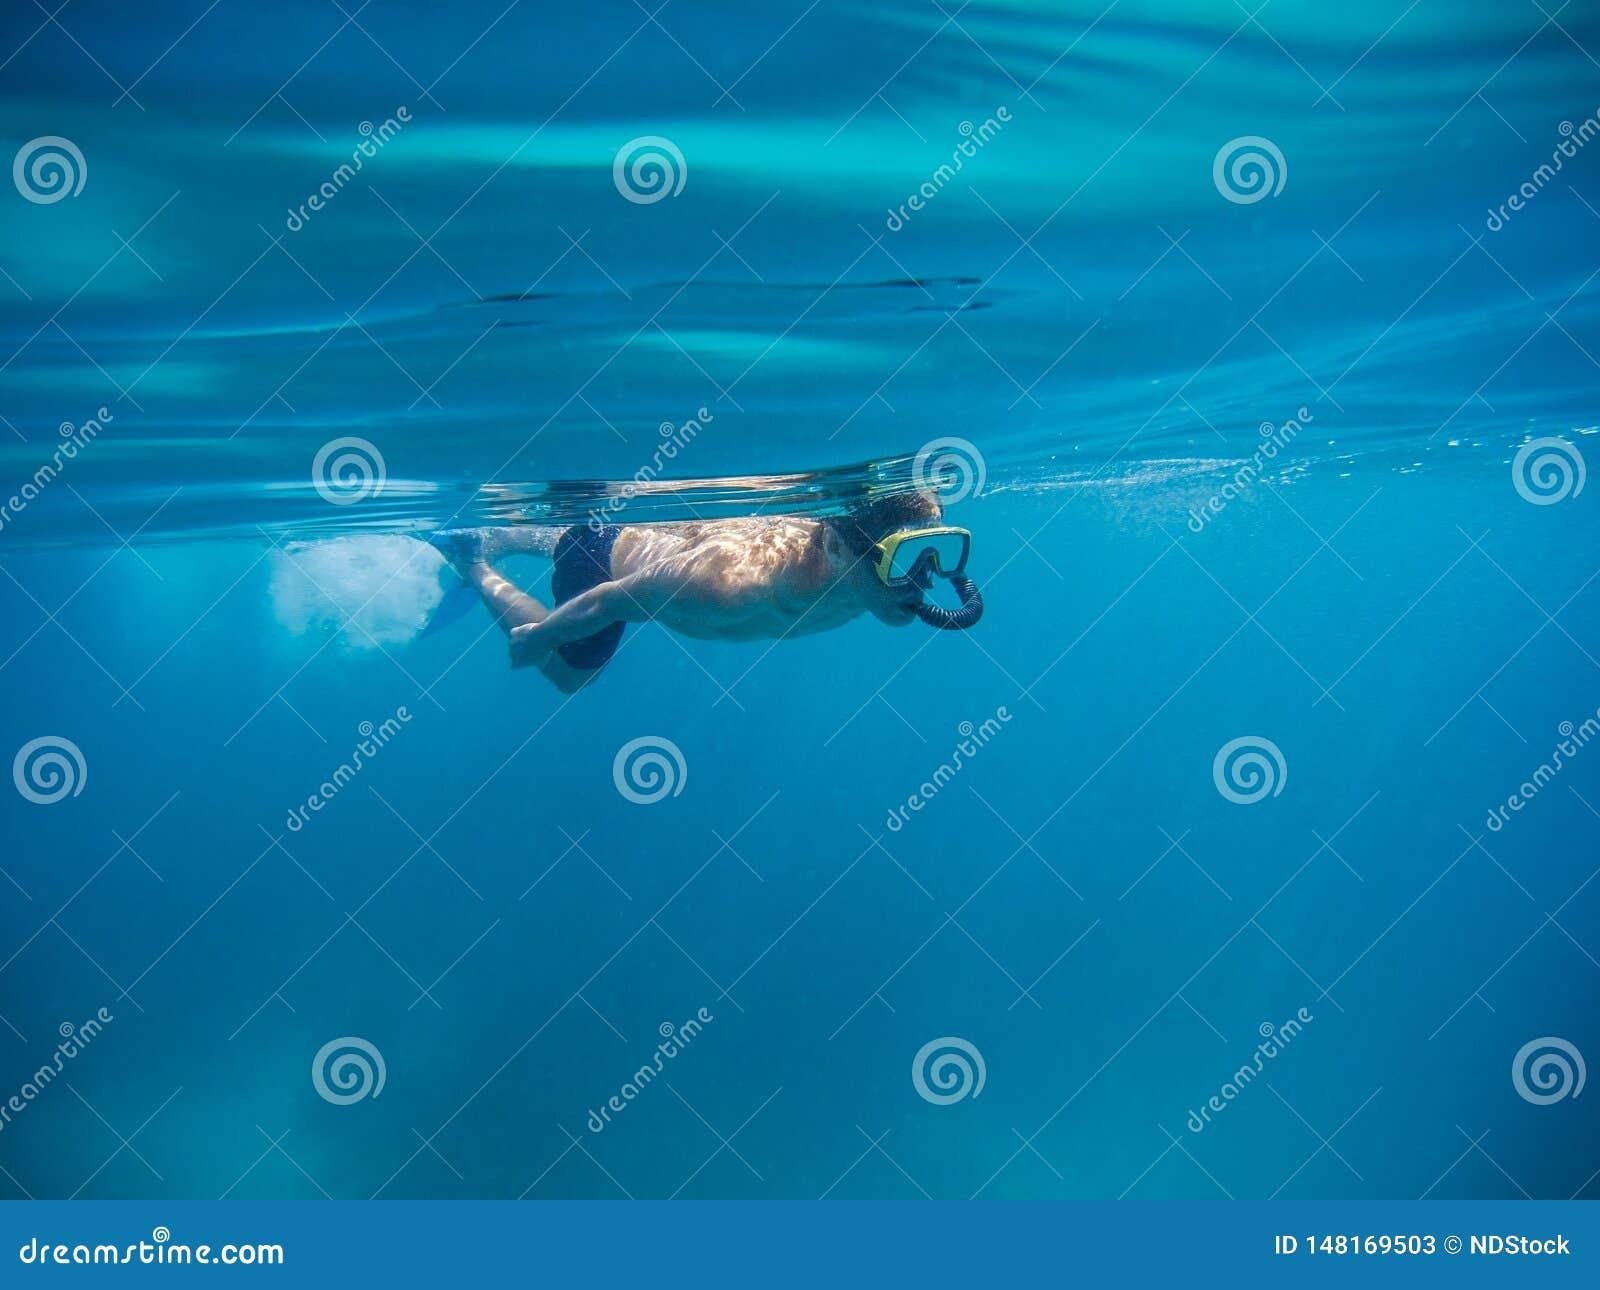 Junger Mann, der mit Maske und Flossen im klaren blauen Wasser schwimmt und schnorchelt